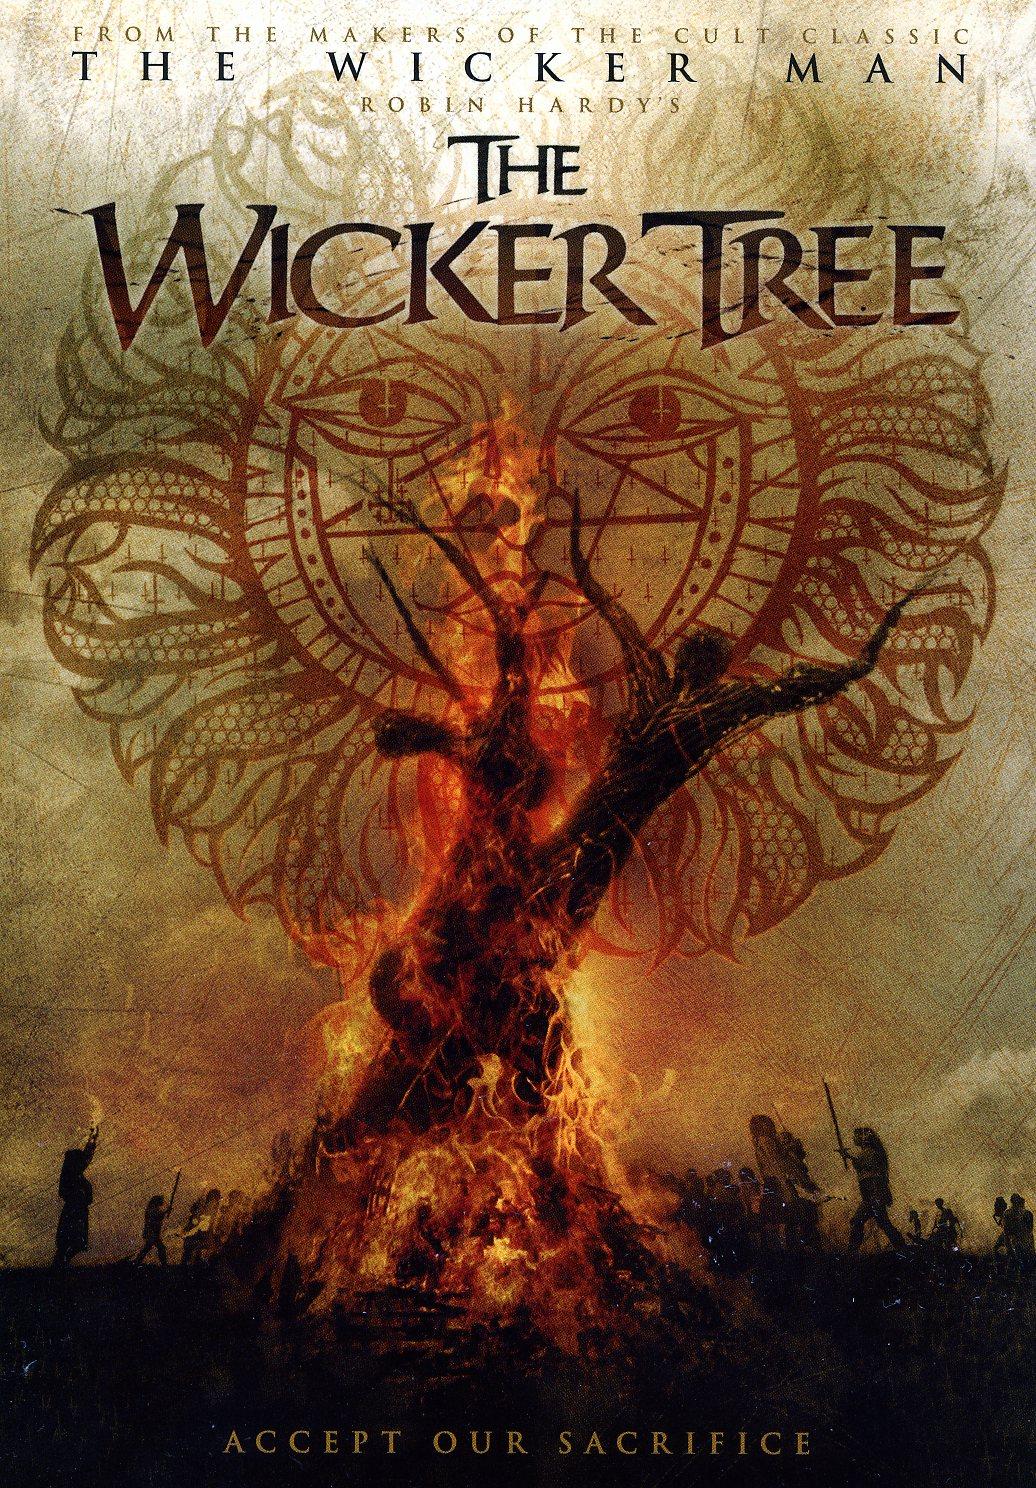 The Wicker Tree (DVD)